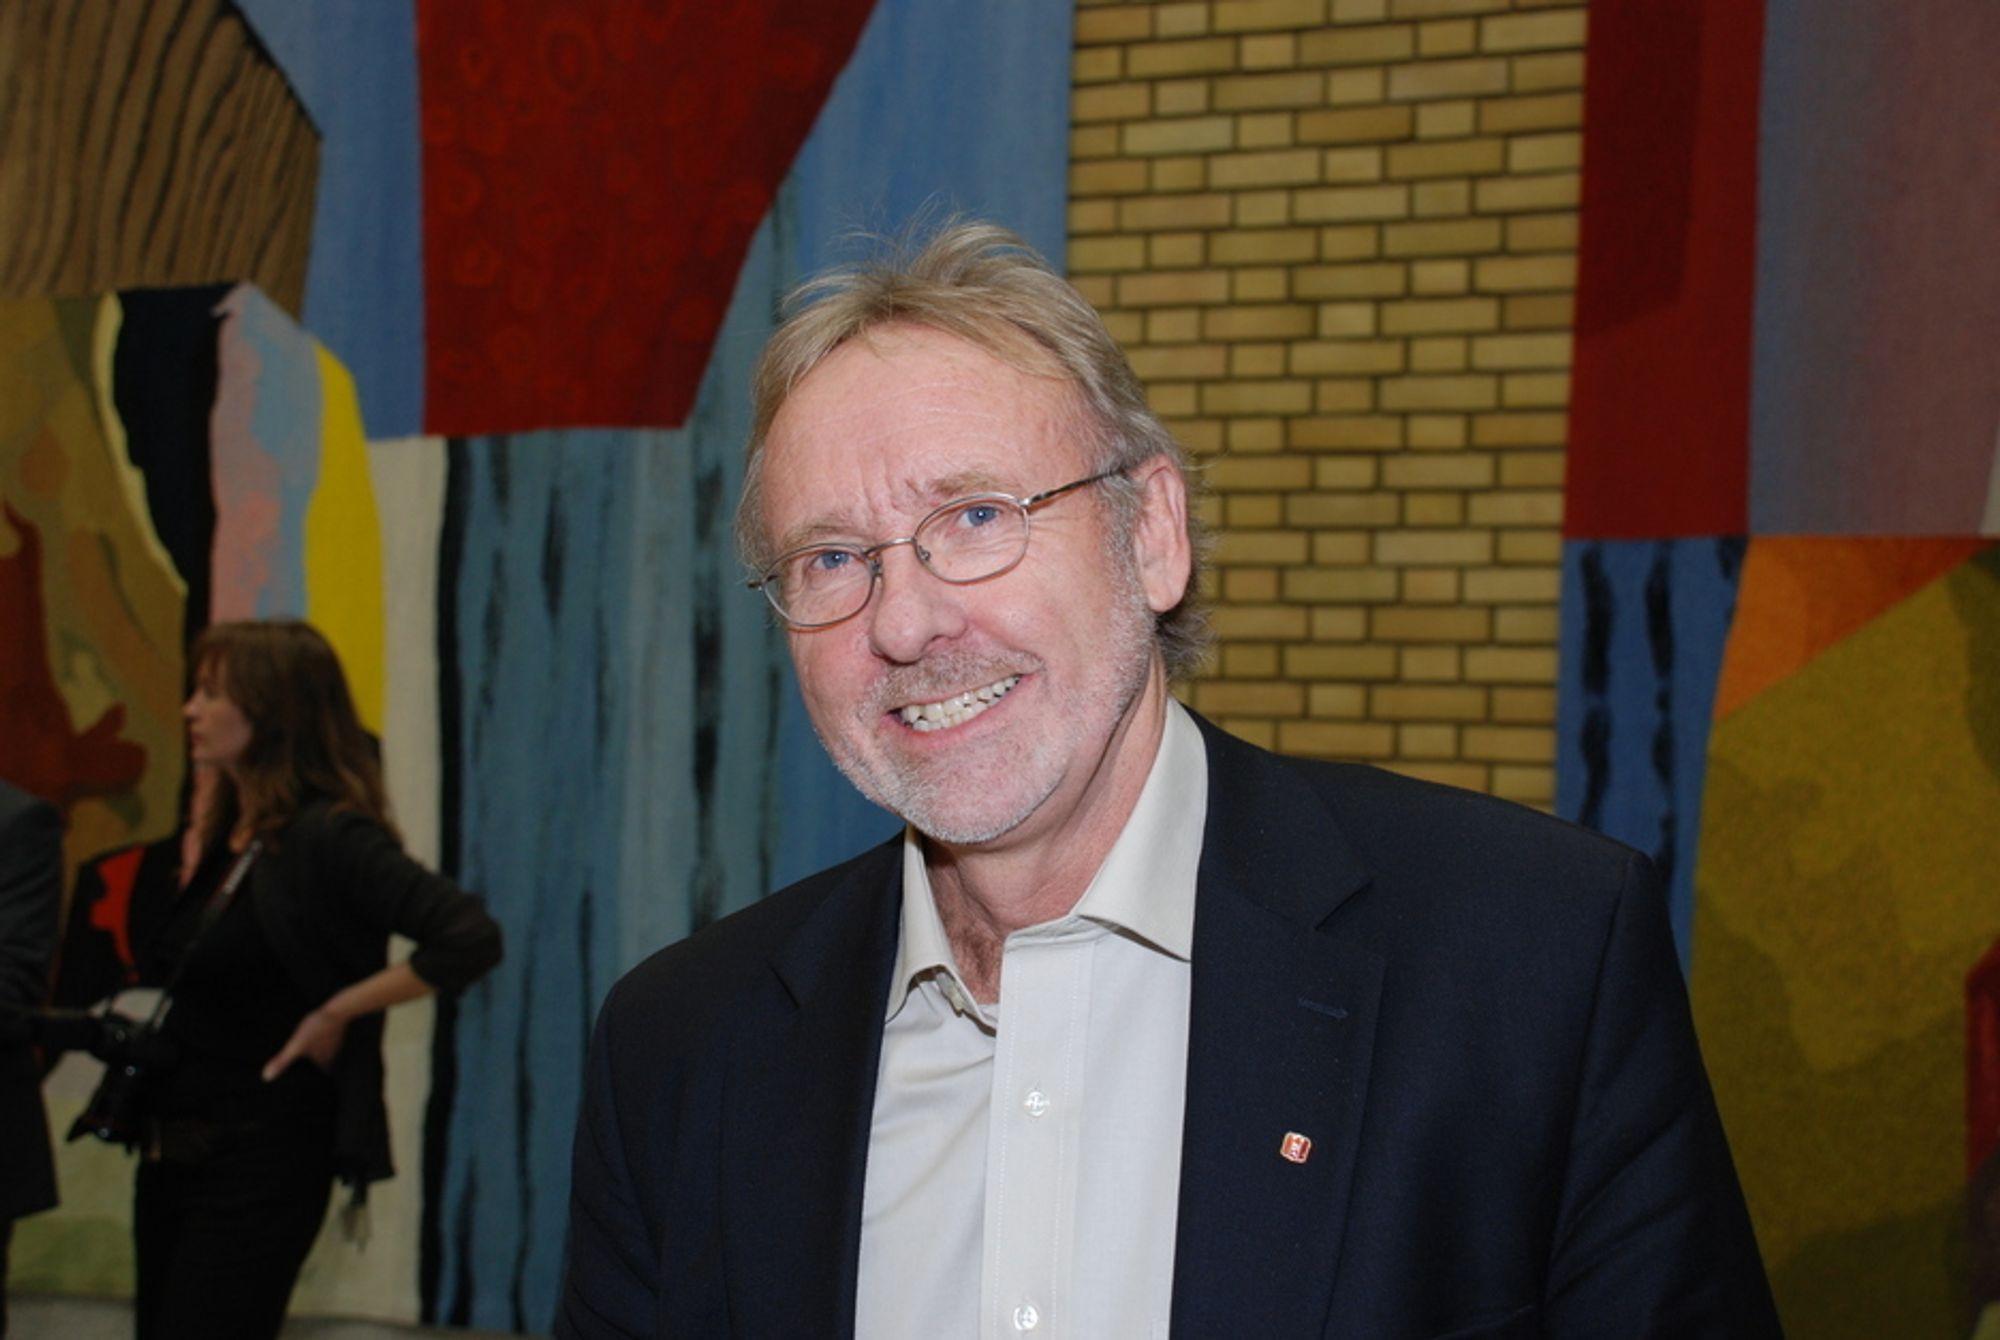 ØNSKER KLIMARÅD: Arbeidsministeren bør opprette et klimaråd for arbeidslivet, mener Unios leder Anders Folkestad.